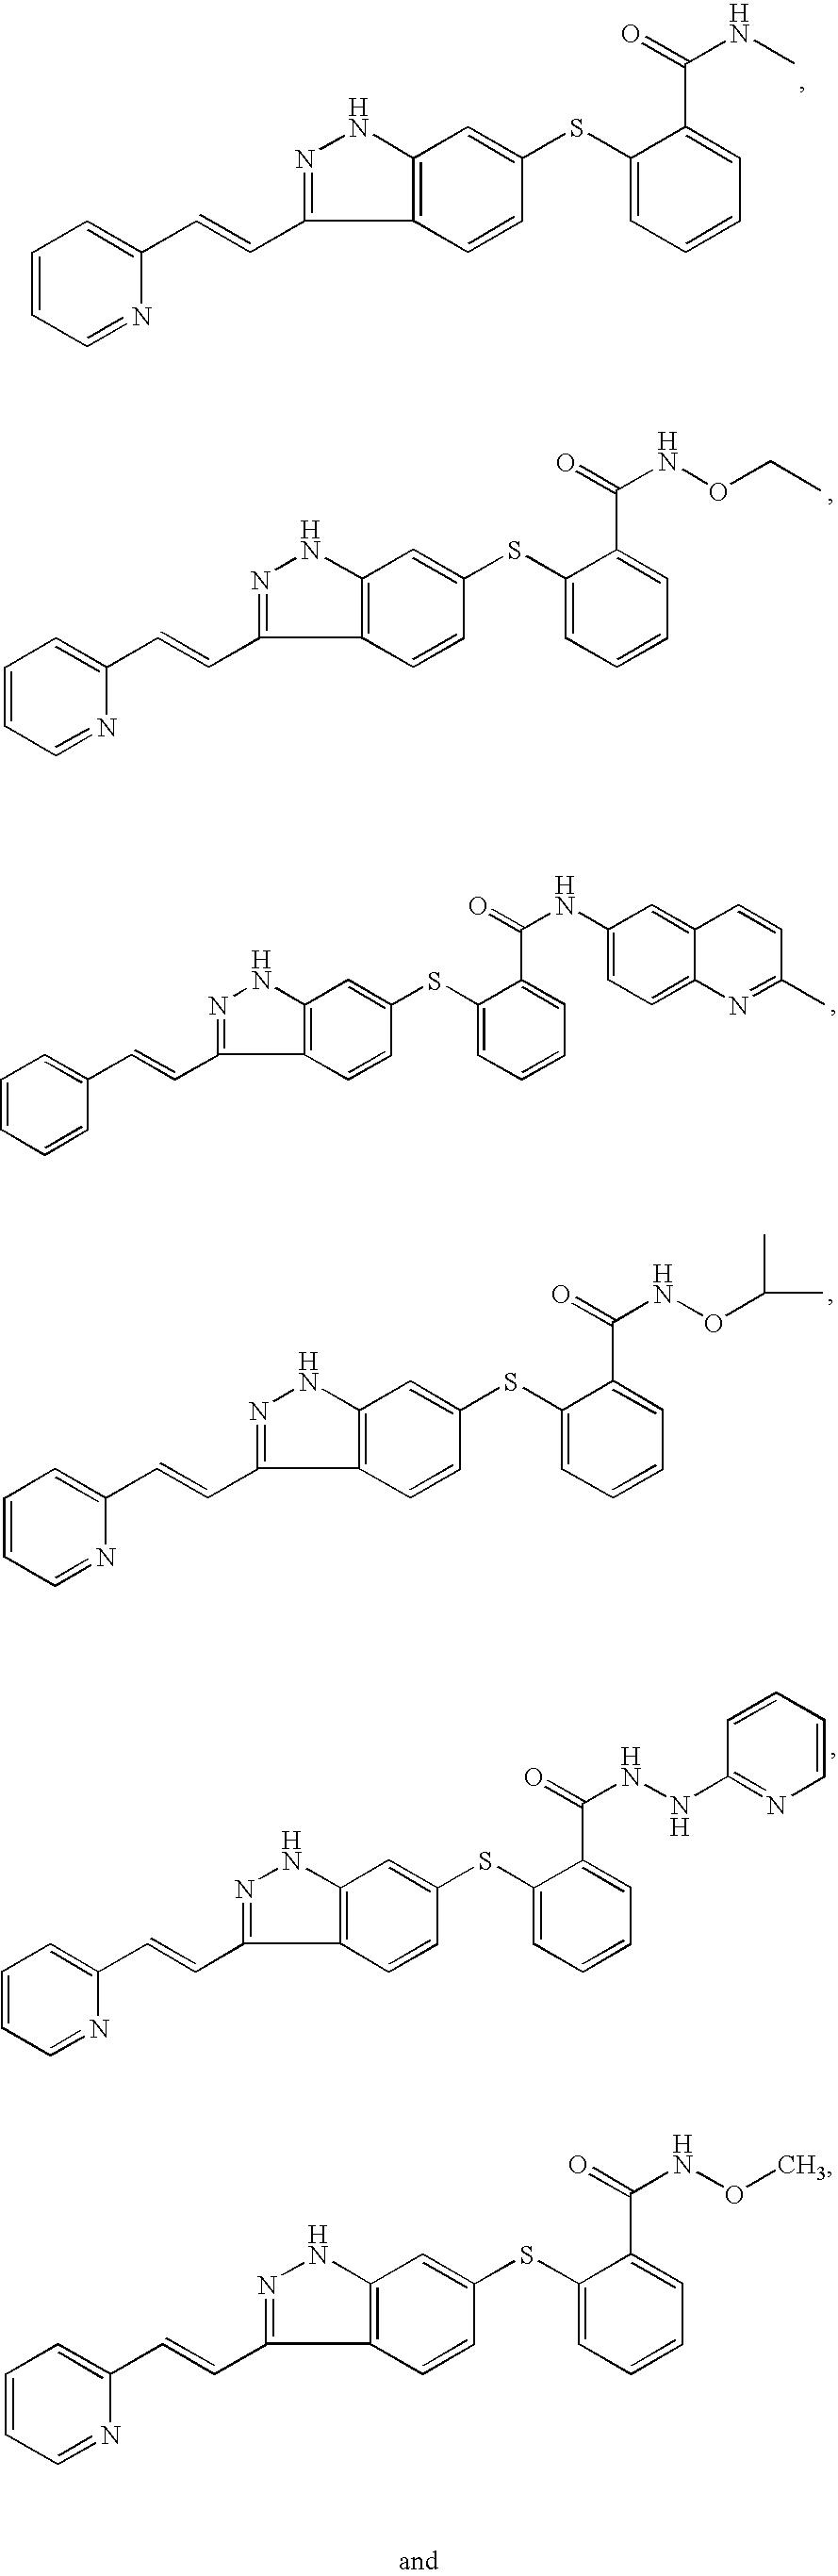 Figure US07141581-20061128-C00027